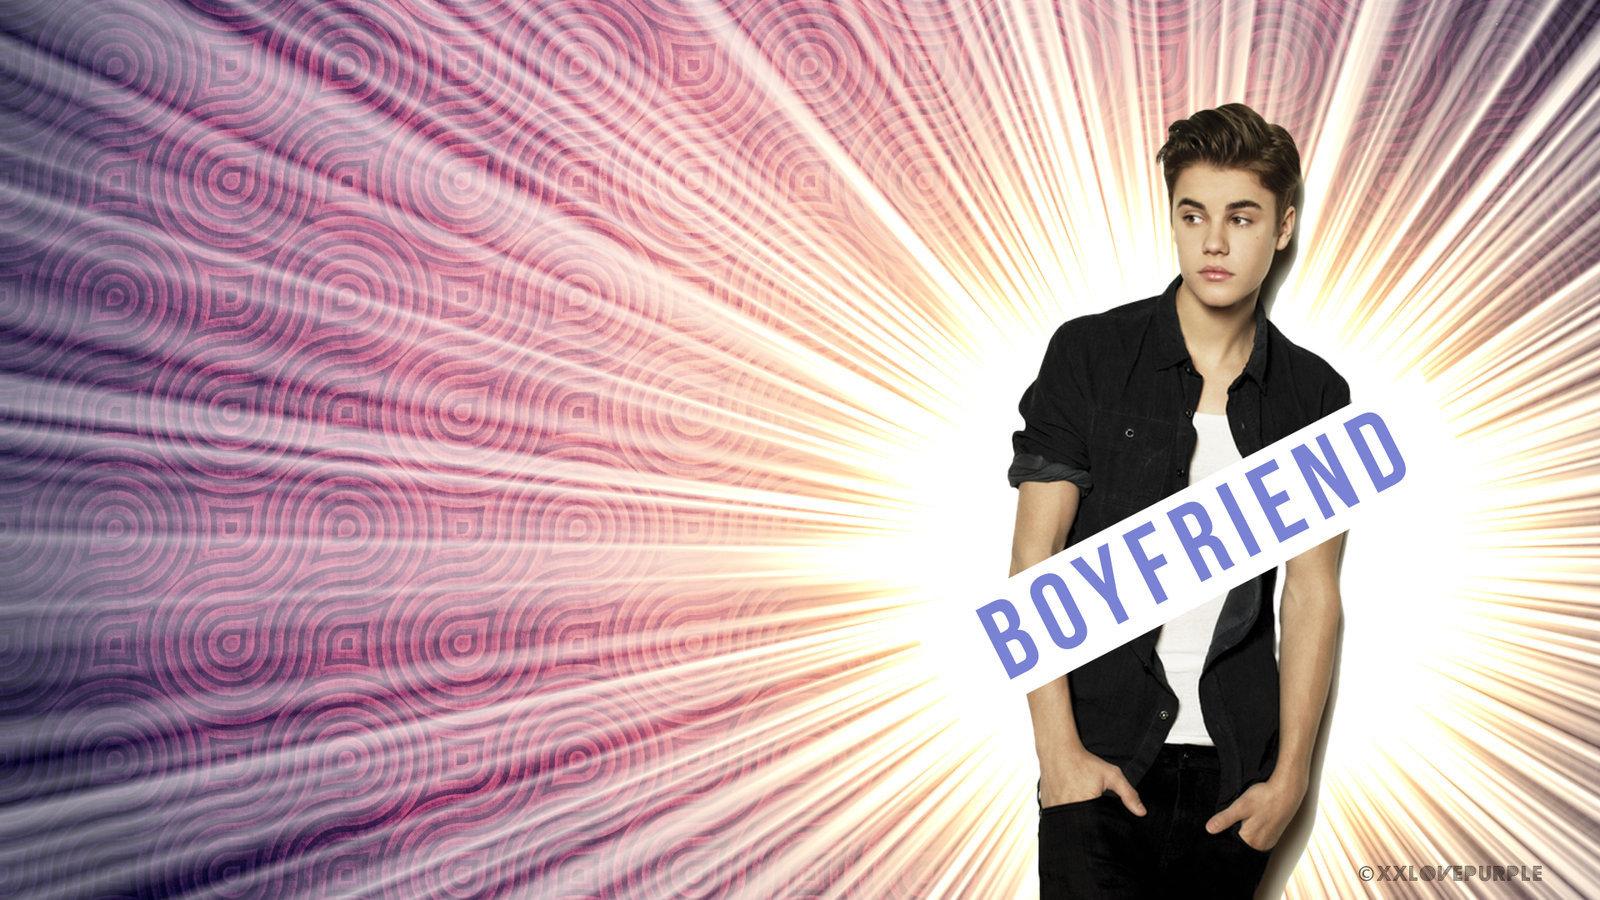 boyfriend song free download justin bieber